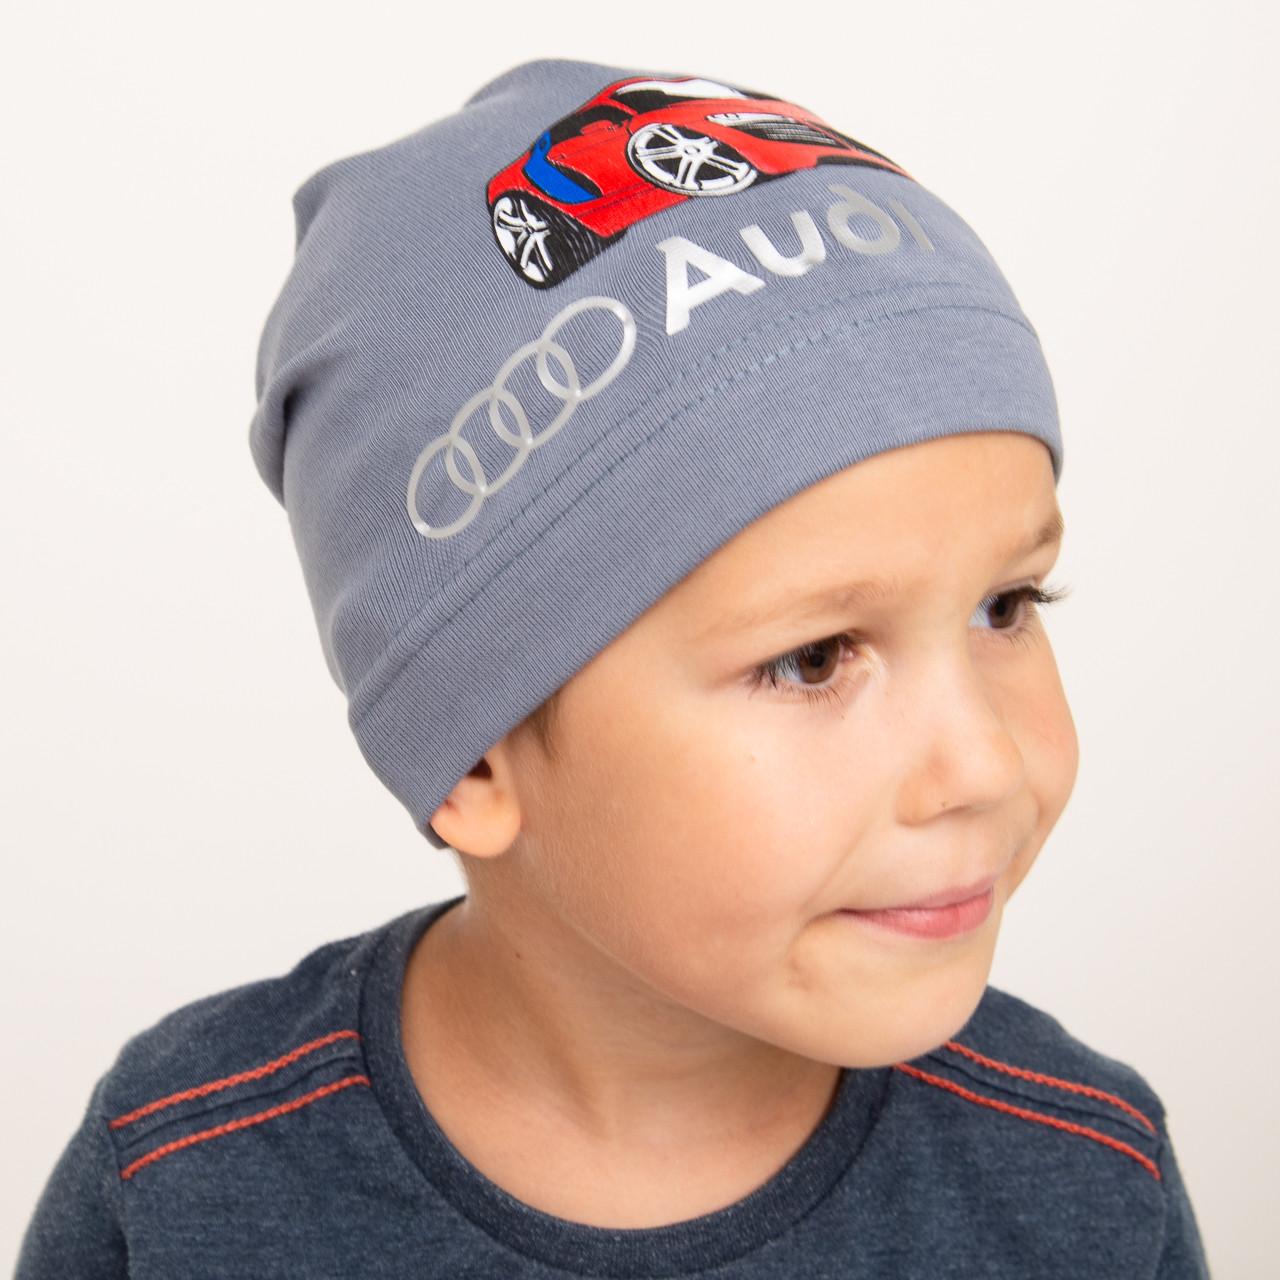 Спортивная весенняя шапка для мальчика оптом - Артикул 2279